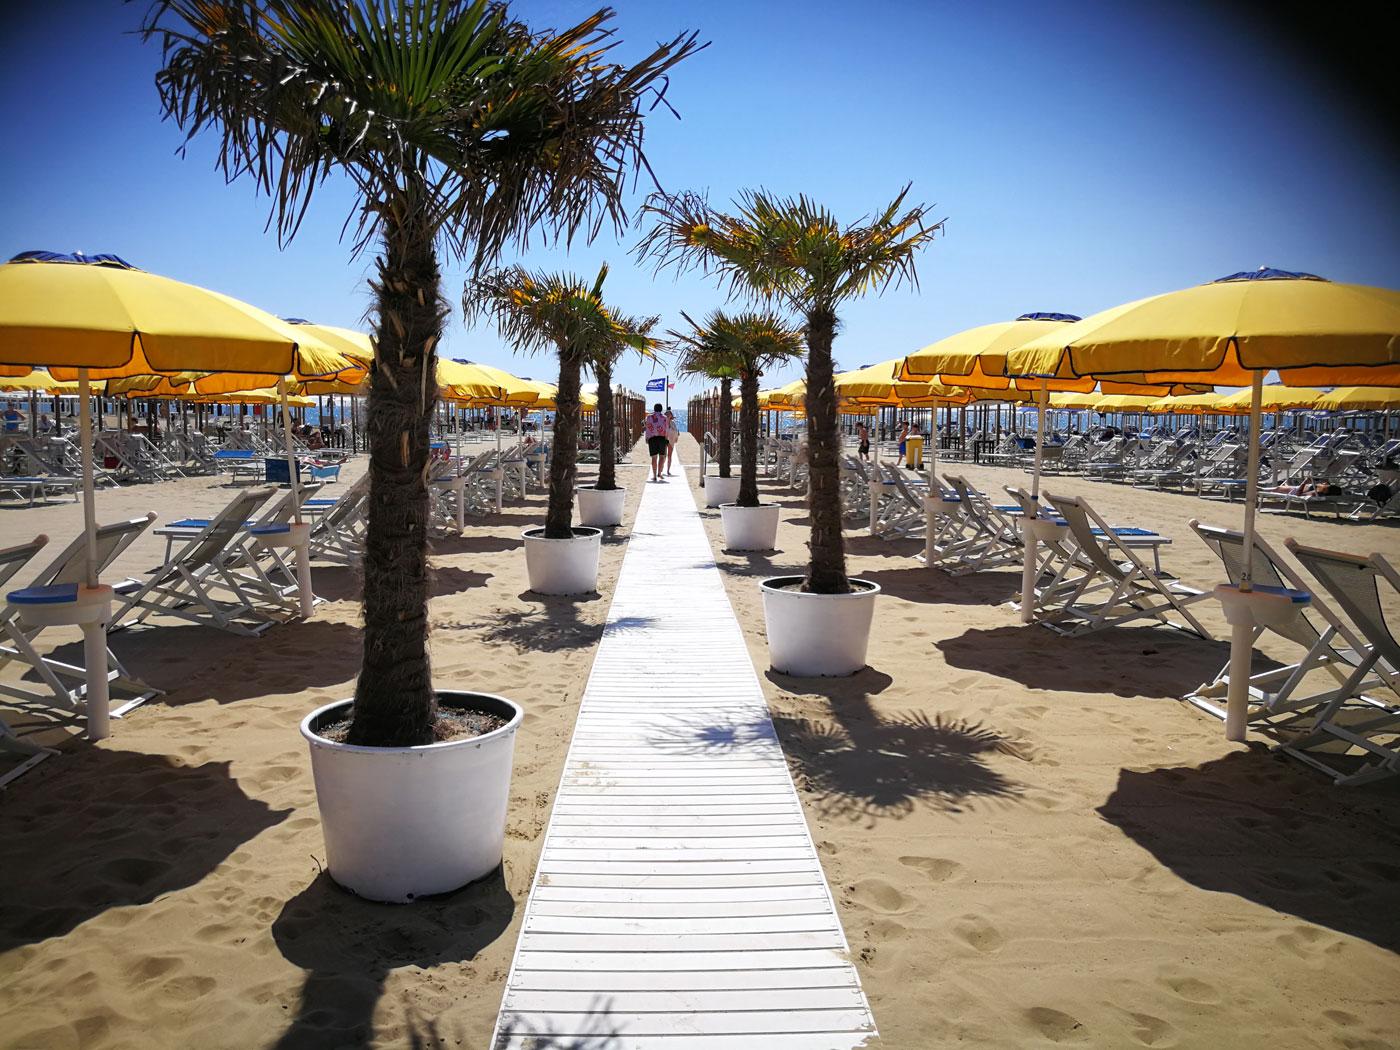 stabilimento balneare con ristorante sulla spiaggia lido di camaiore